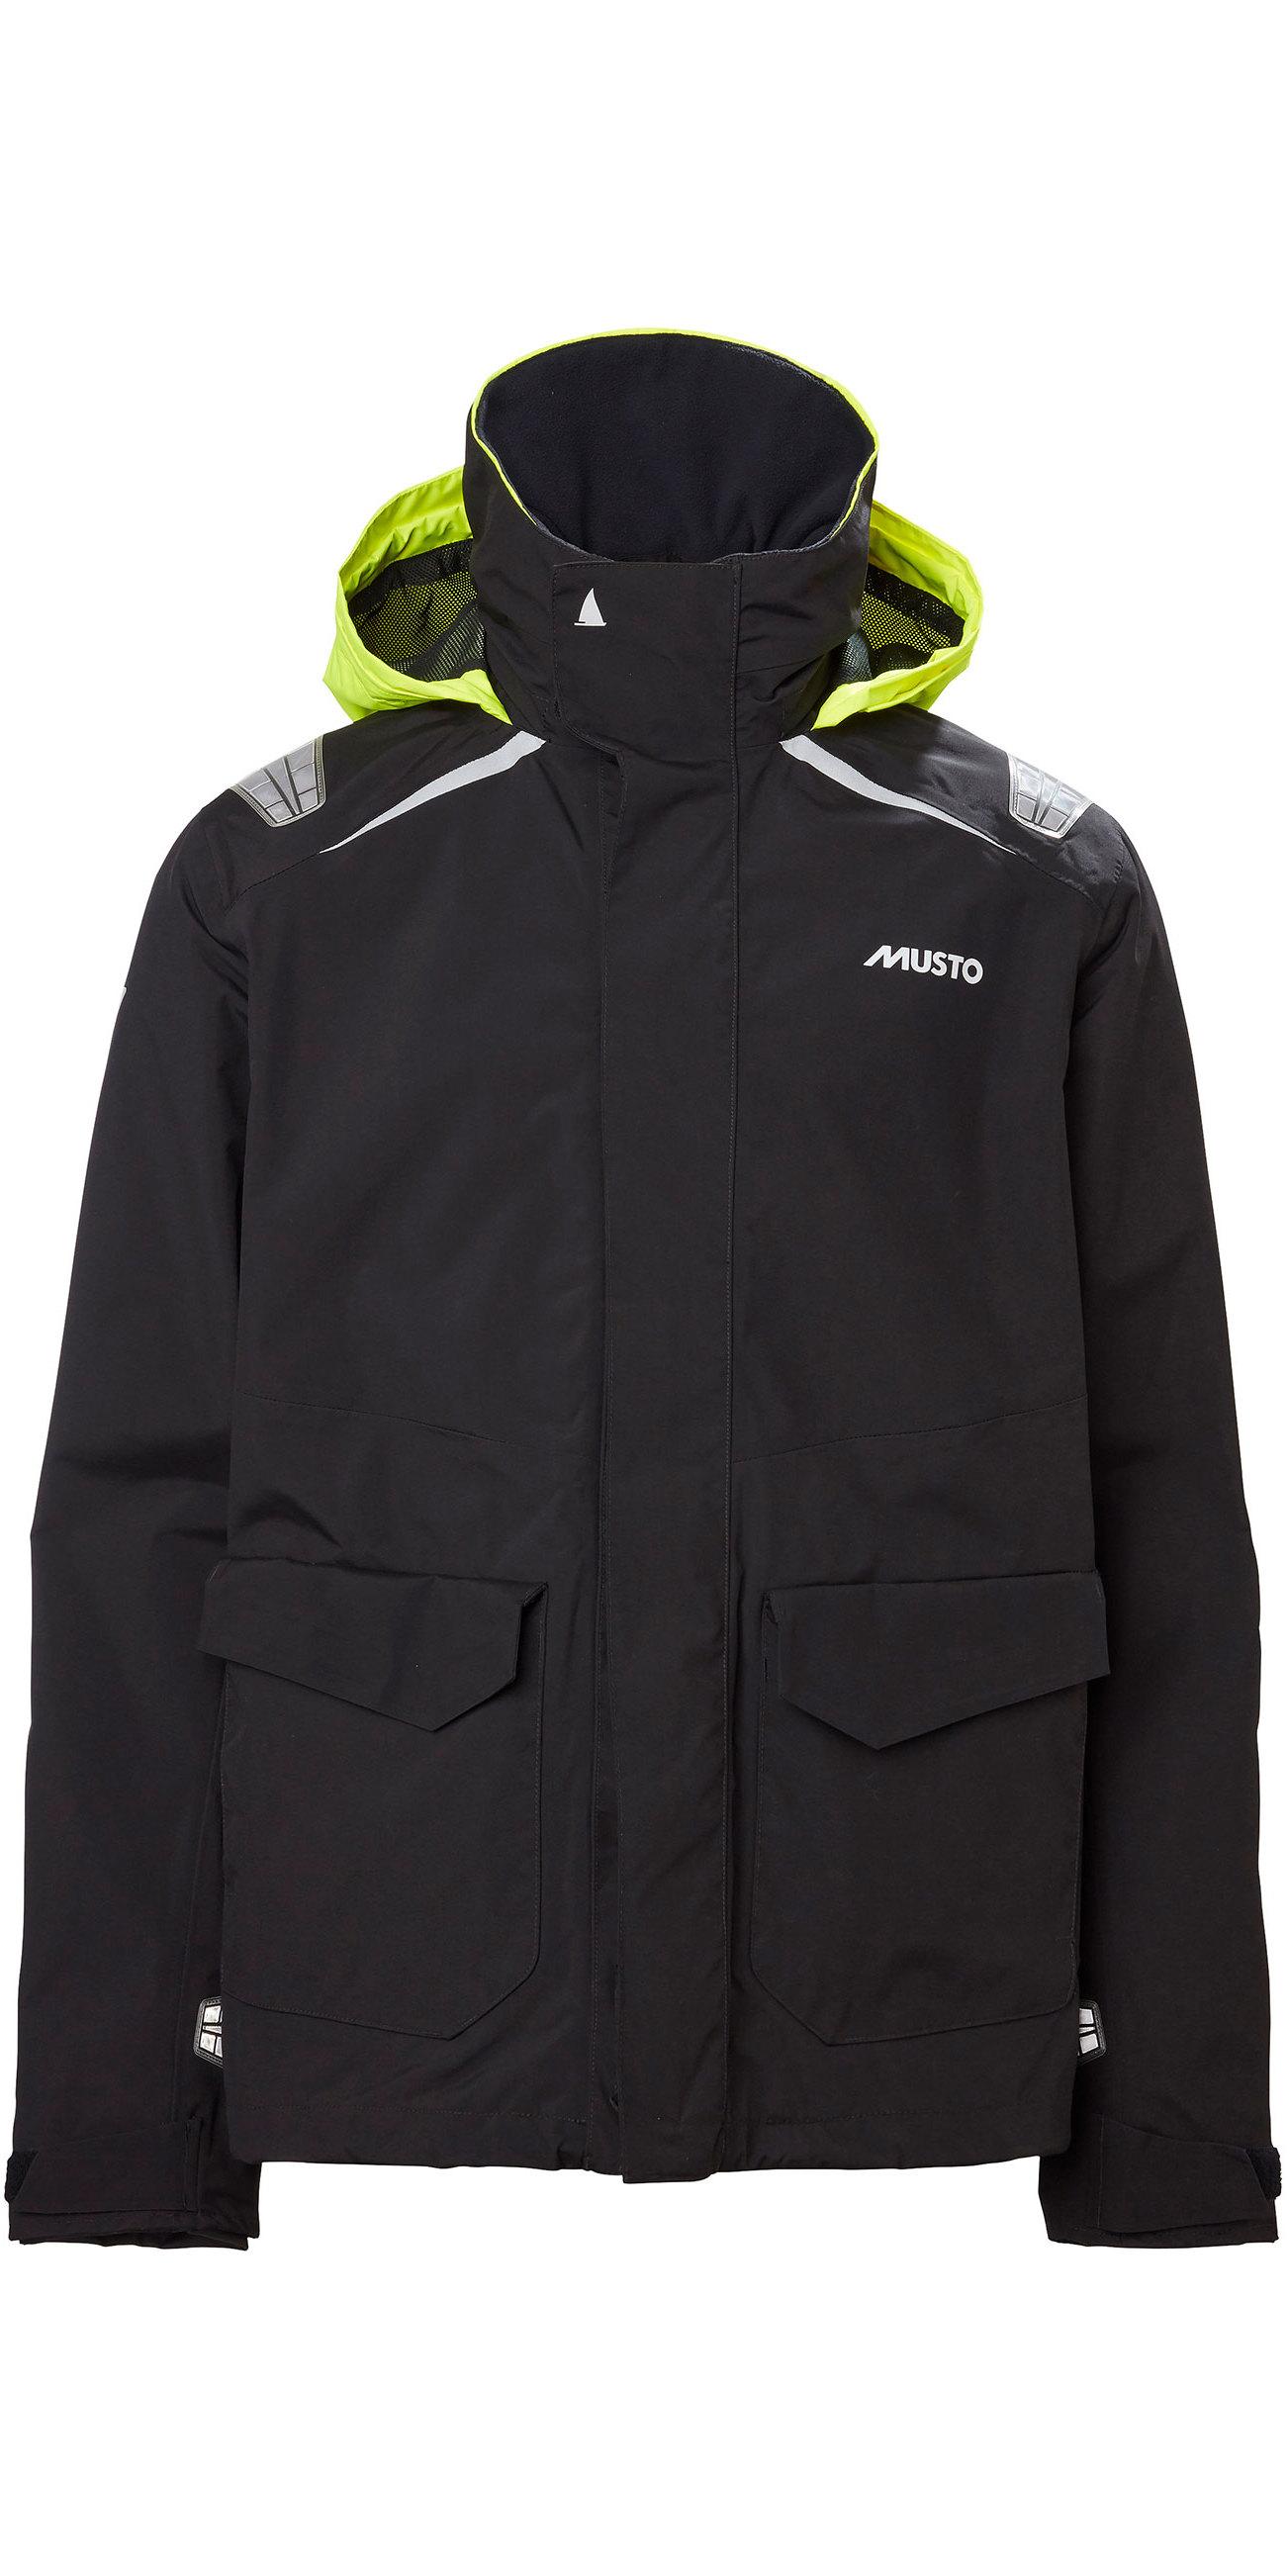 2020 Musto Mens BR1 Inshore Sailing Jacket 81208 Black